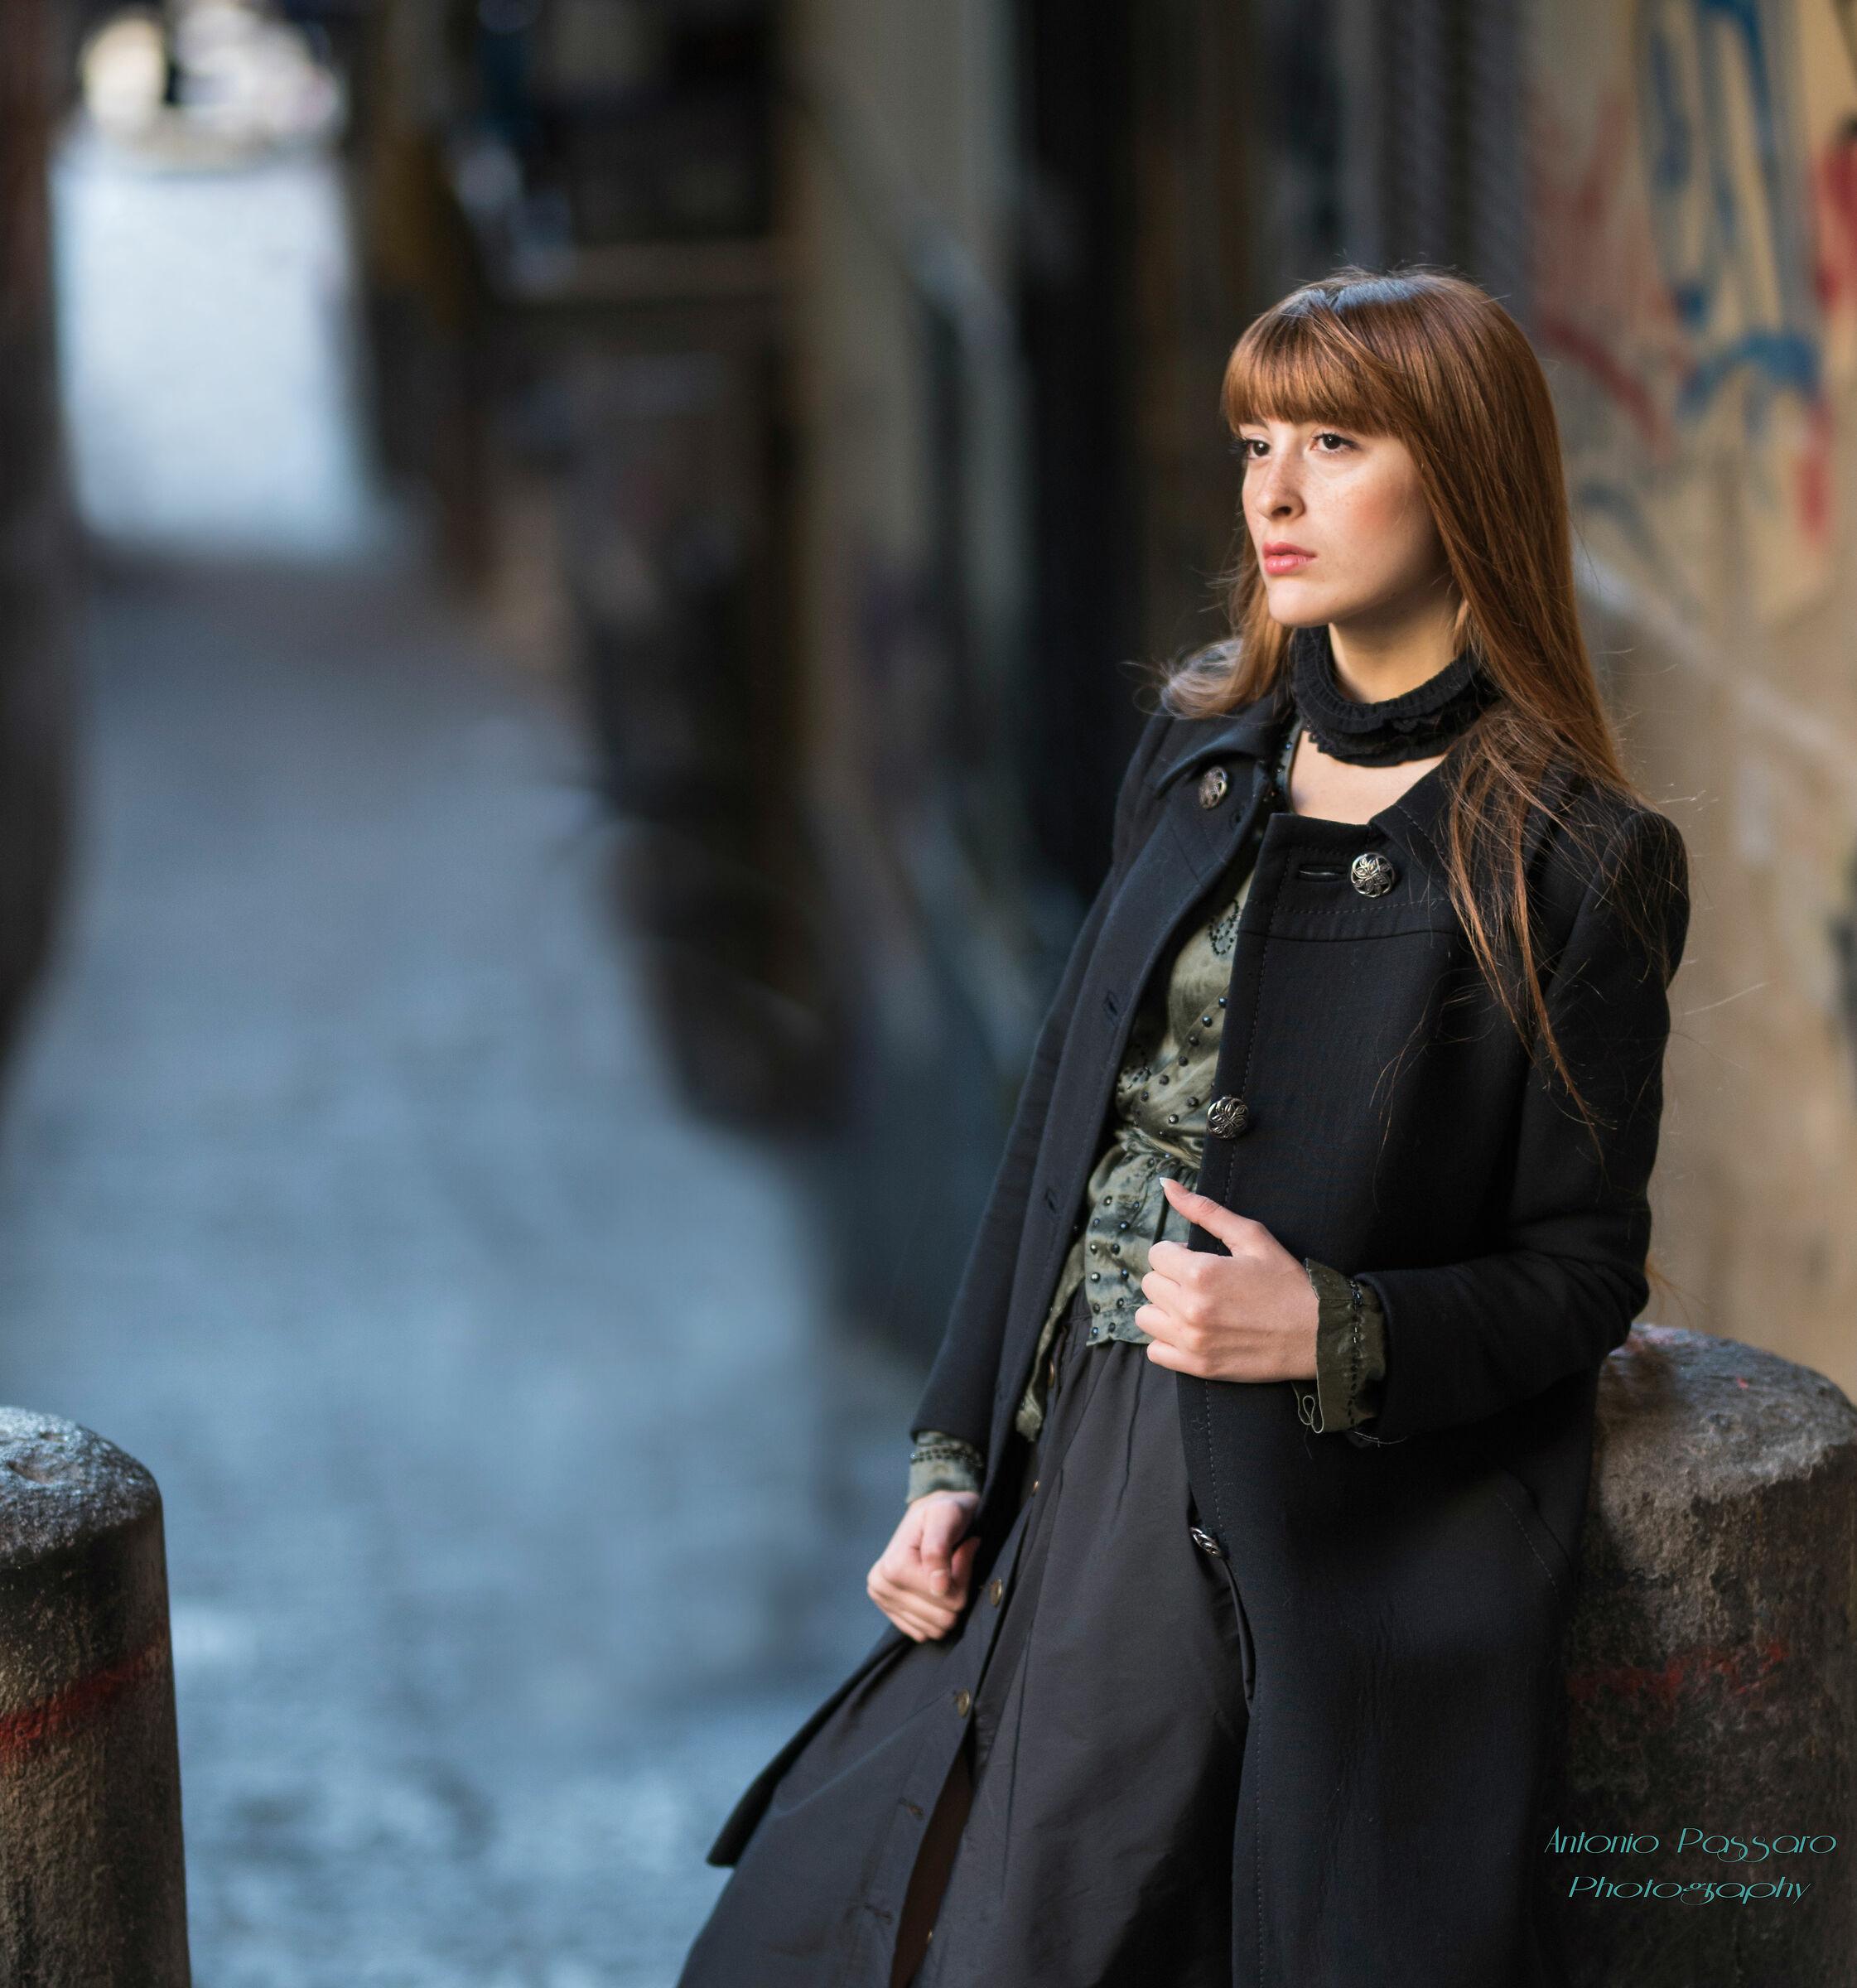 Ludovica...